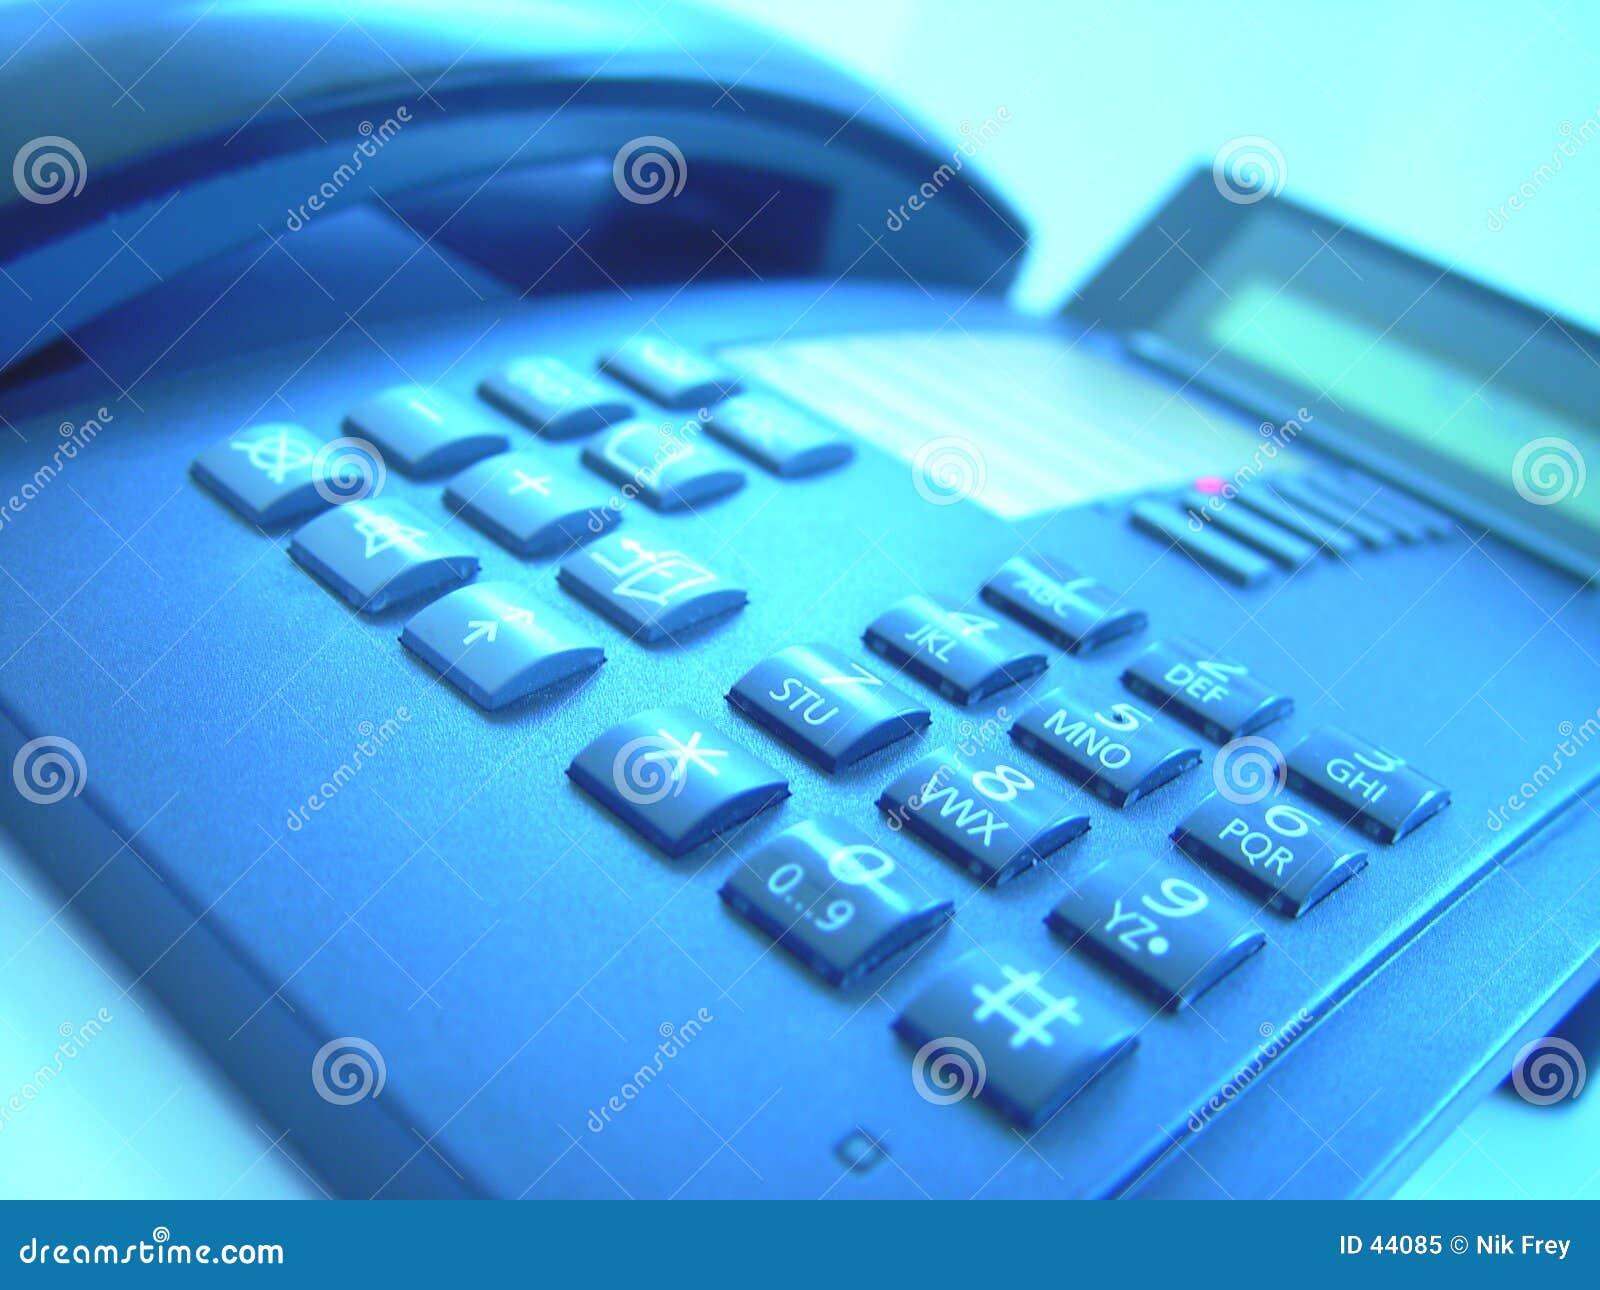 Telephone study 4